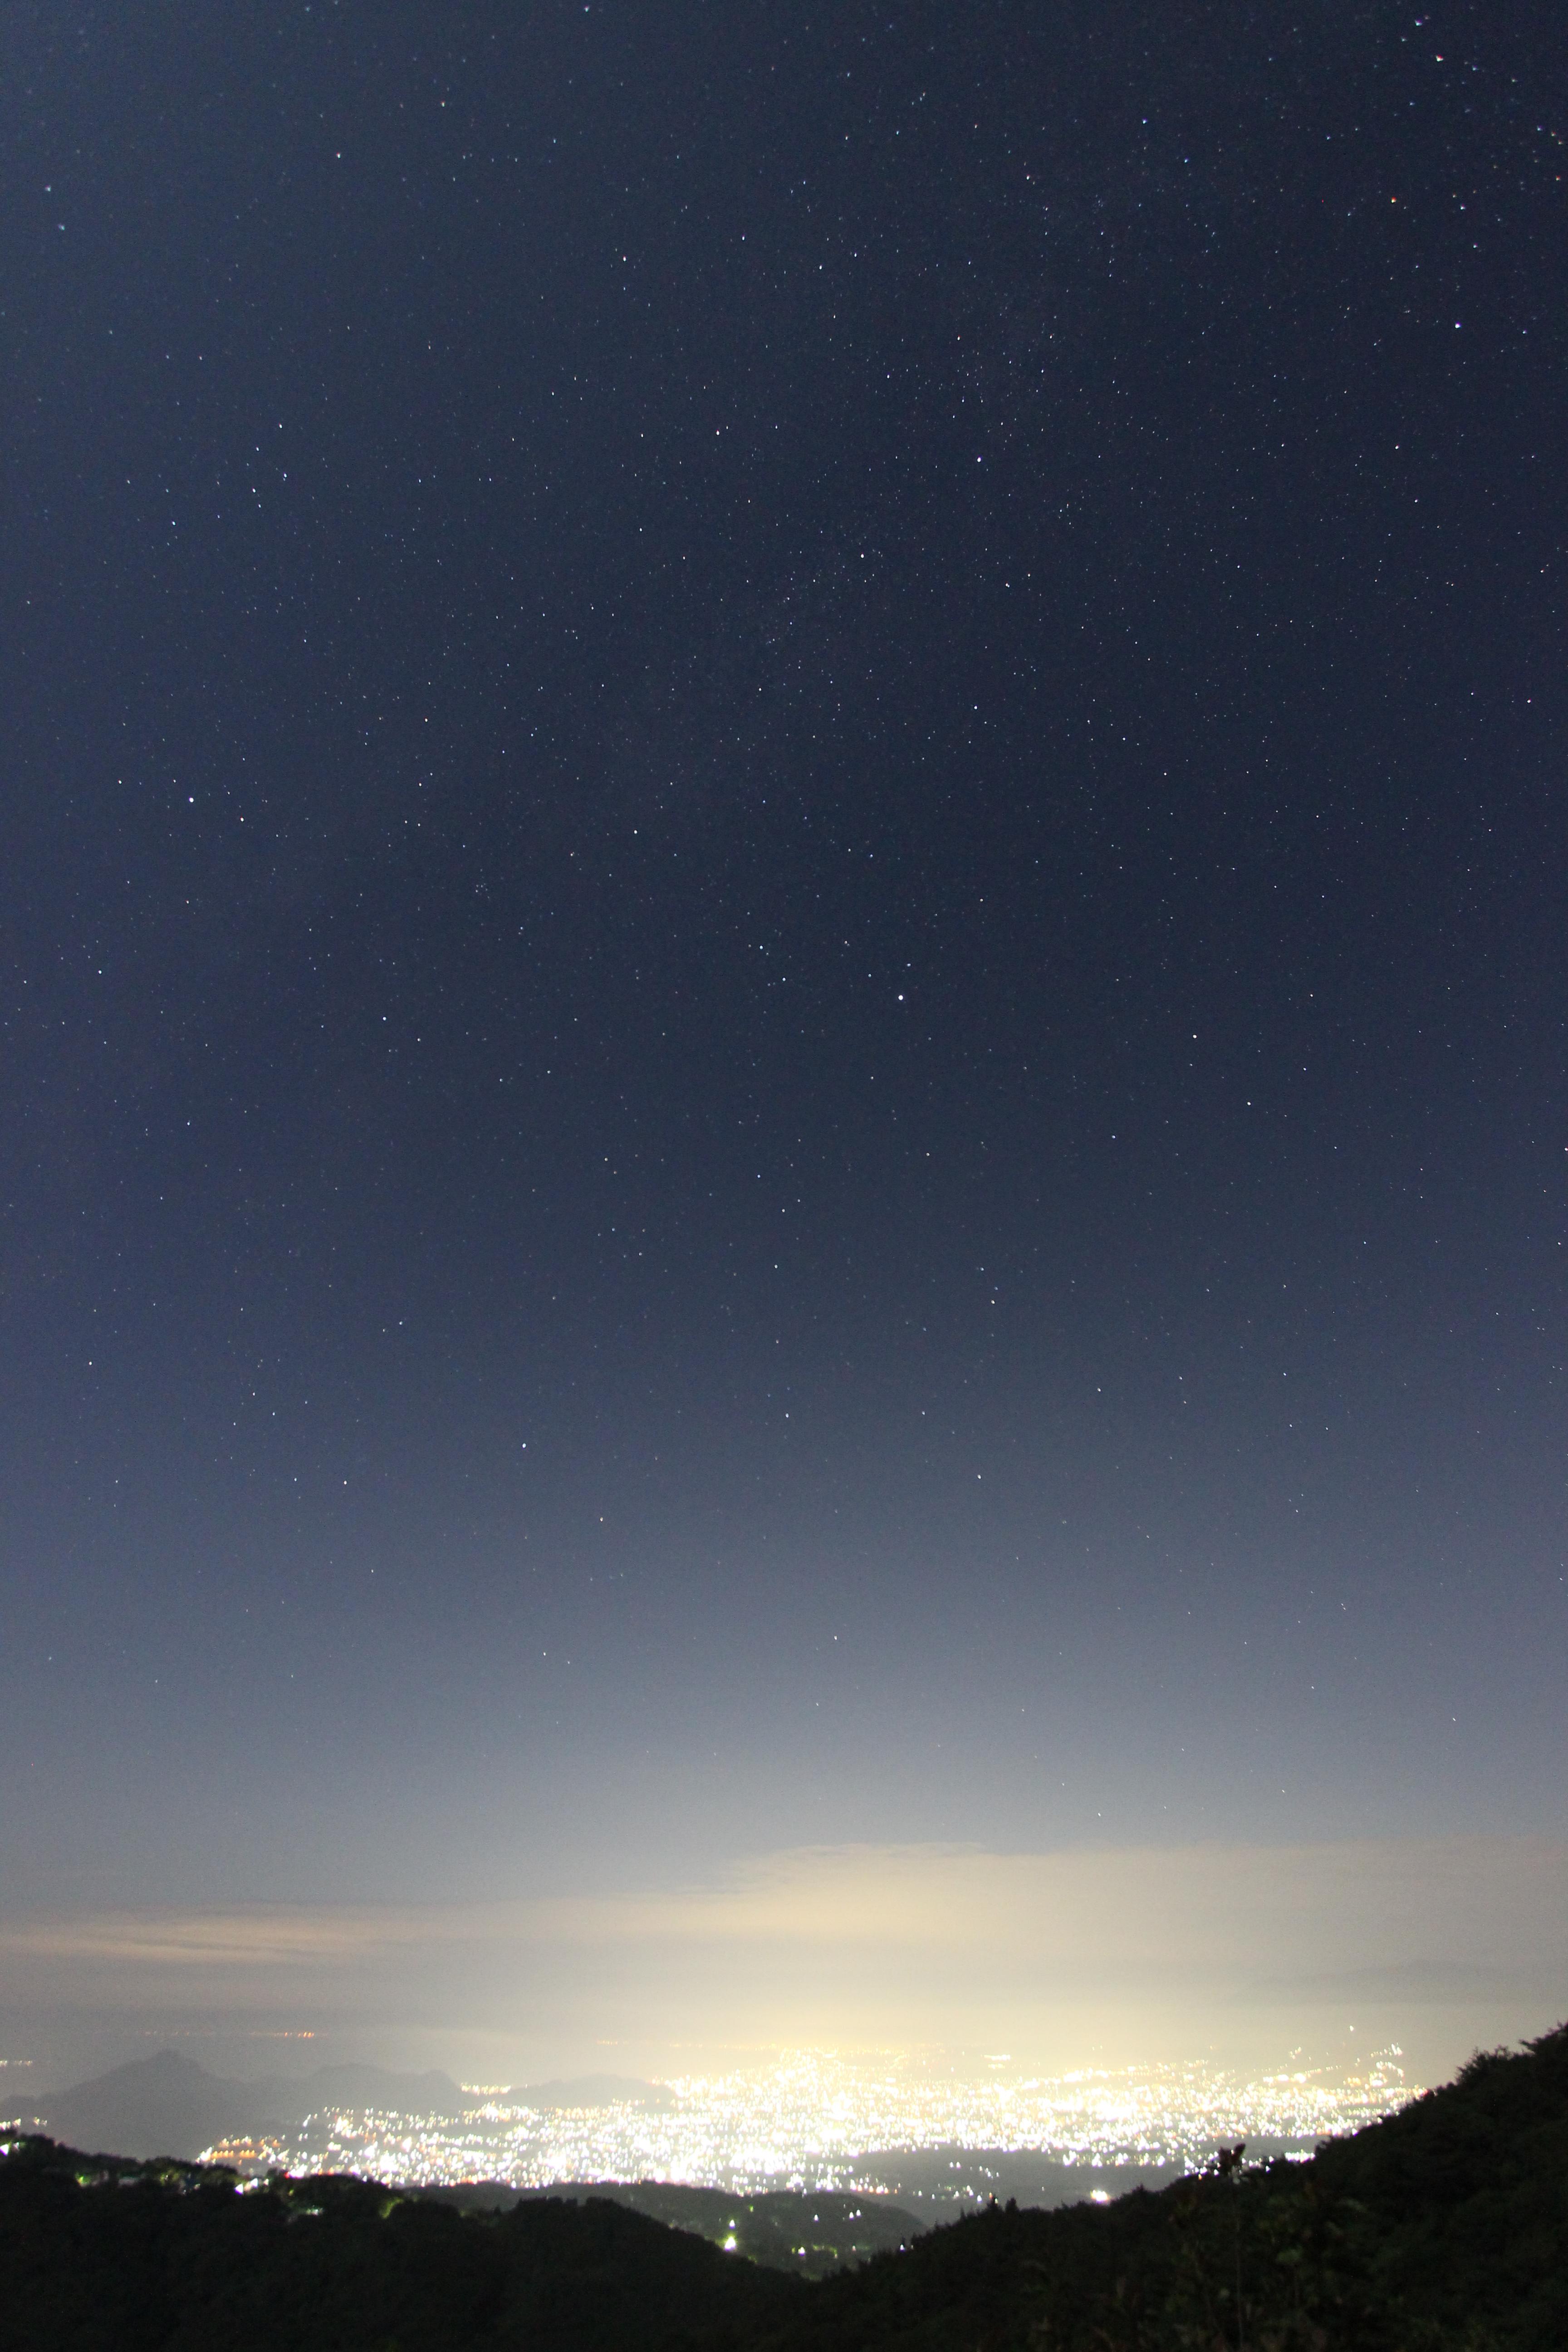 <b>山の高台から遠くの街の夜景と星空を一緒に撮影した。カメラを縦位置にして星空の高さを表現することができた。</b>